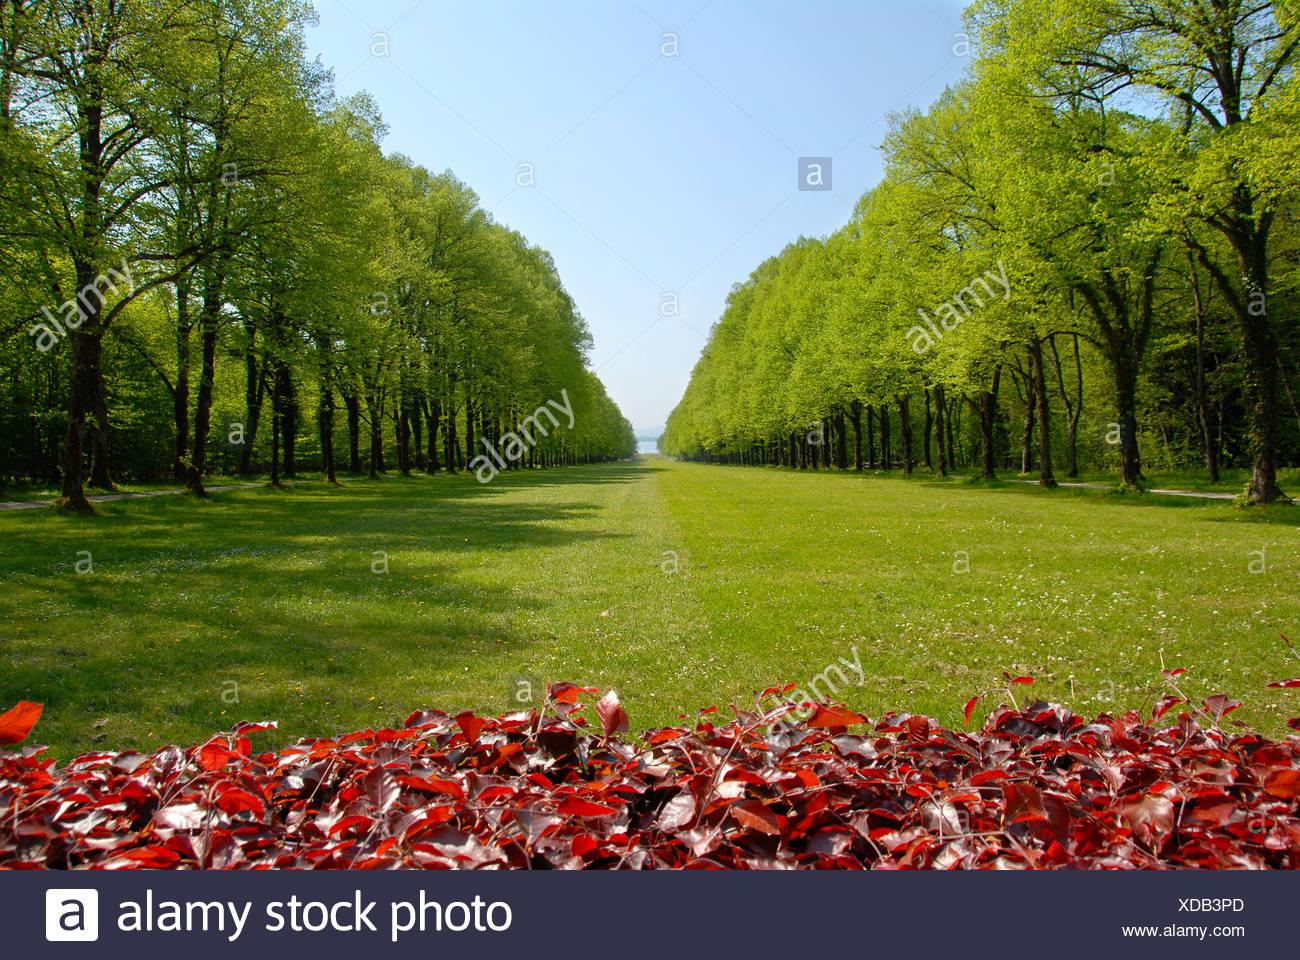 Parc avec pelouse dans l'allée forestière à Schloss Herrenchiemsee Herreninsel Chiemsee Allemagne Bavière Photo Stock